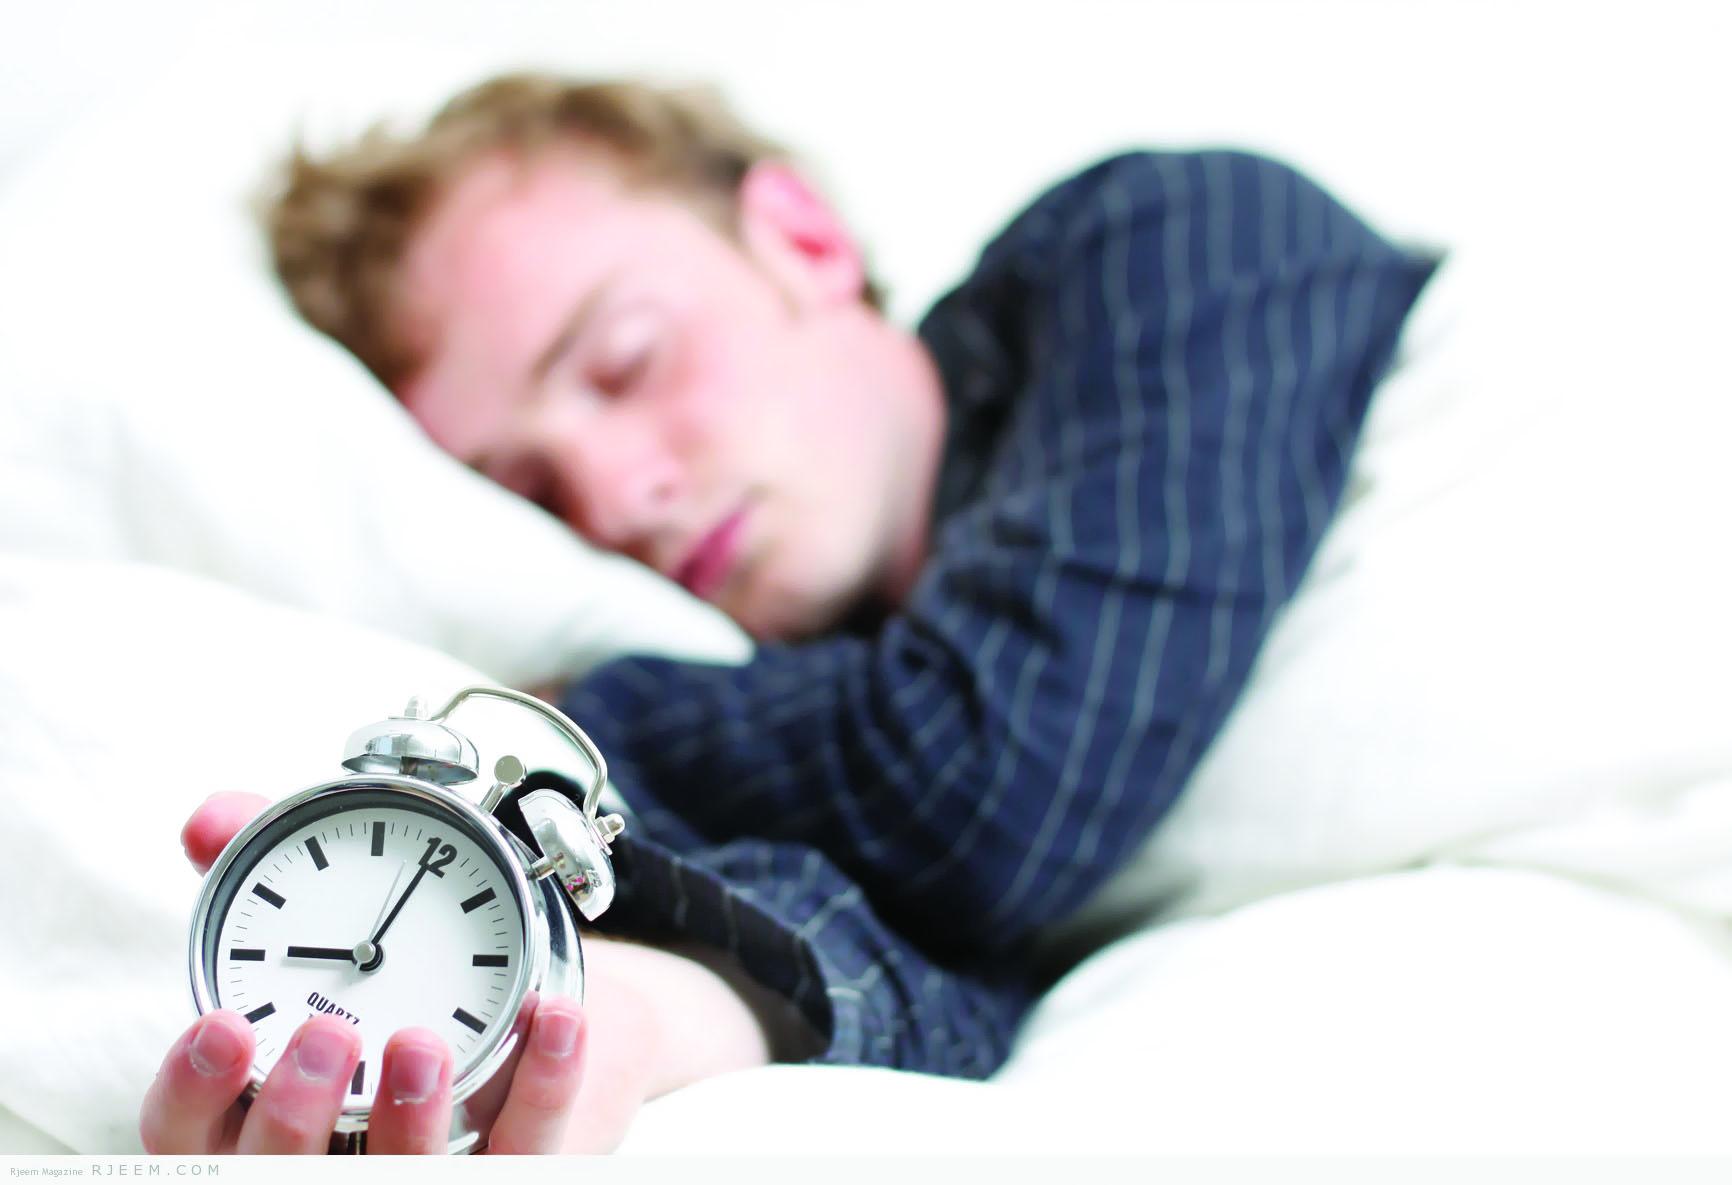 كيف تتجنب العودة إلى النوم بعد الاستيقاظ صباحا